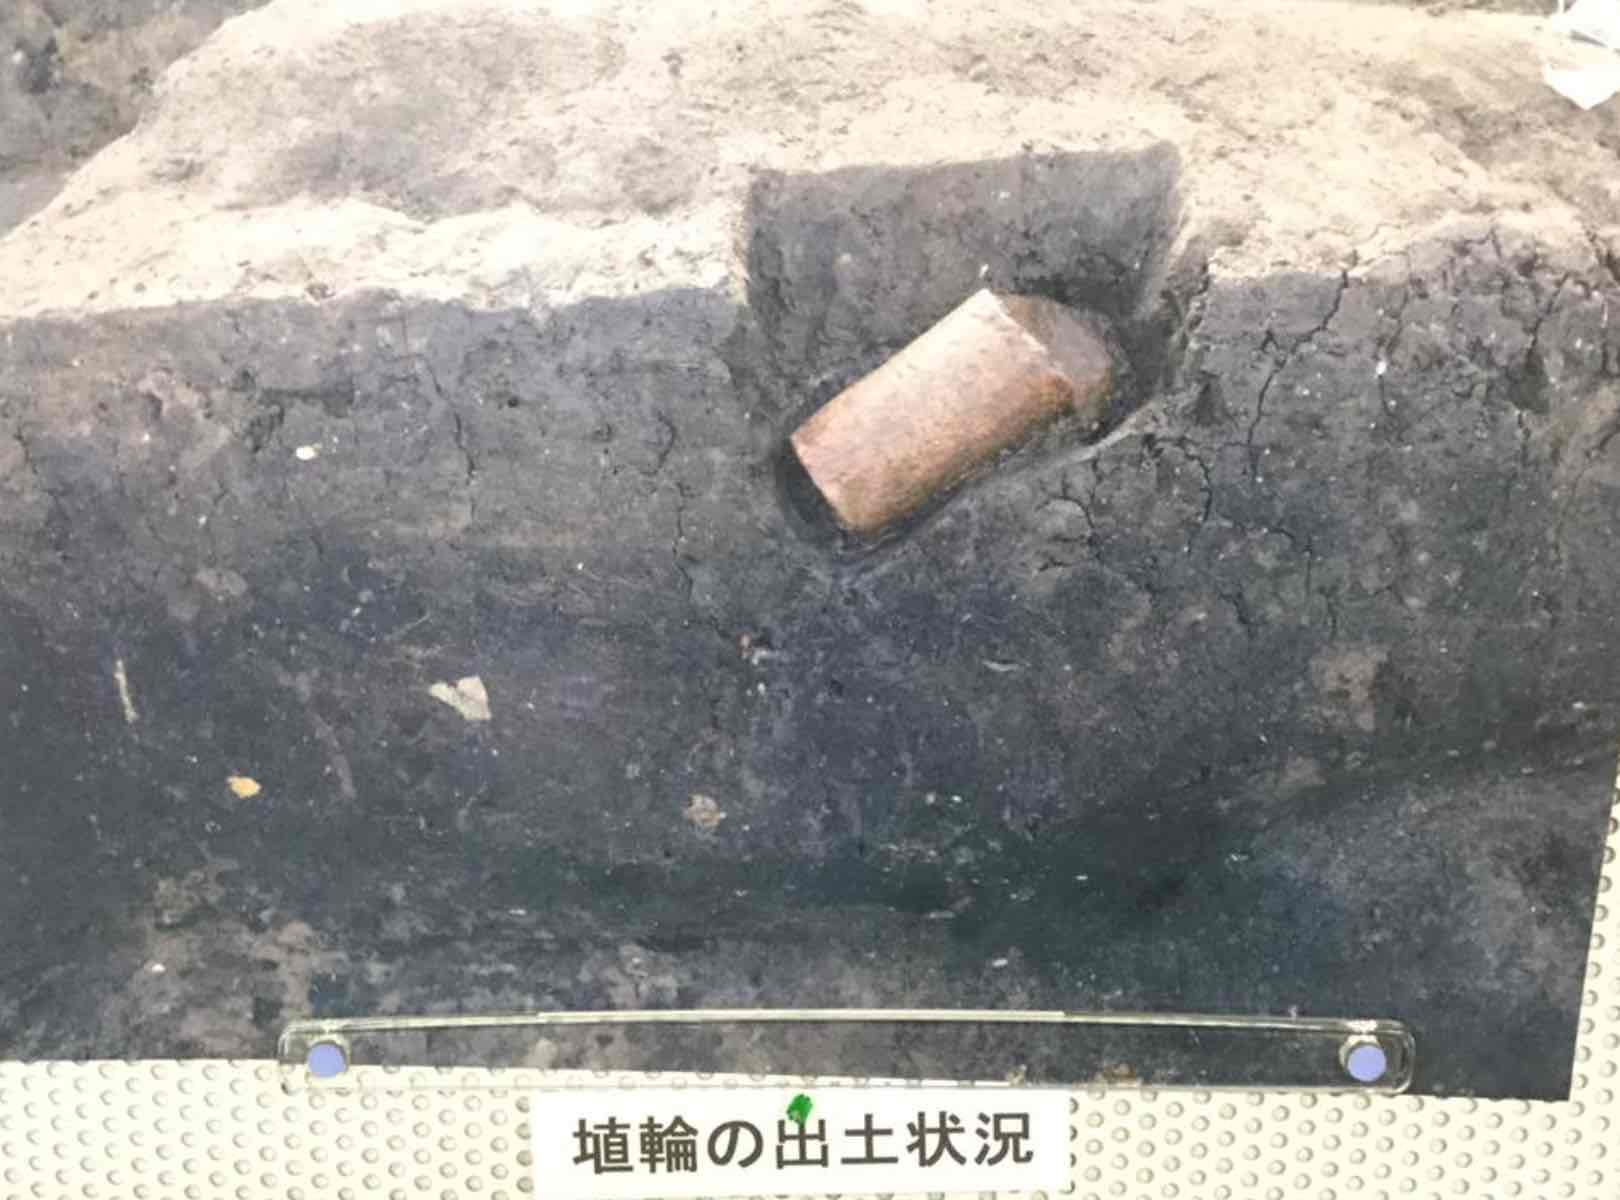 塚前古墳、考古資料館の企画展_e0068696_17344185.jpg